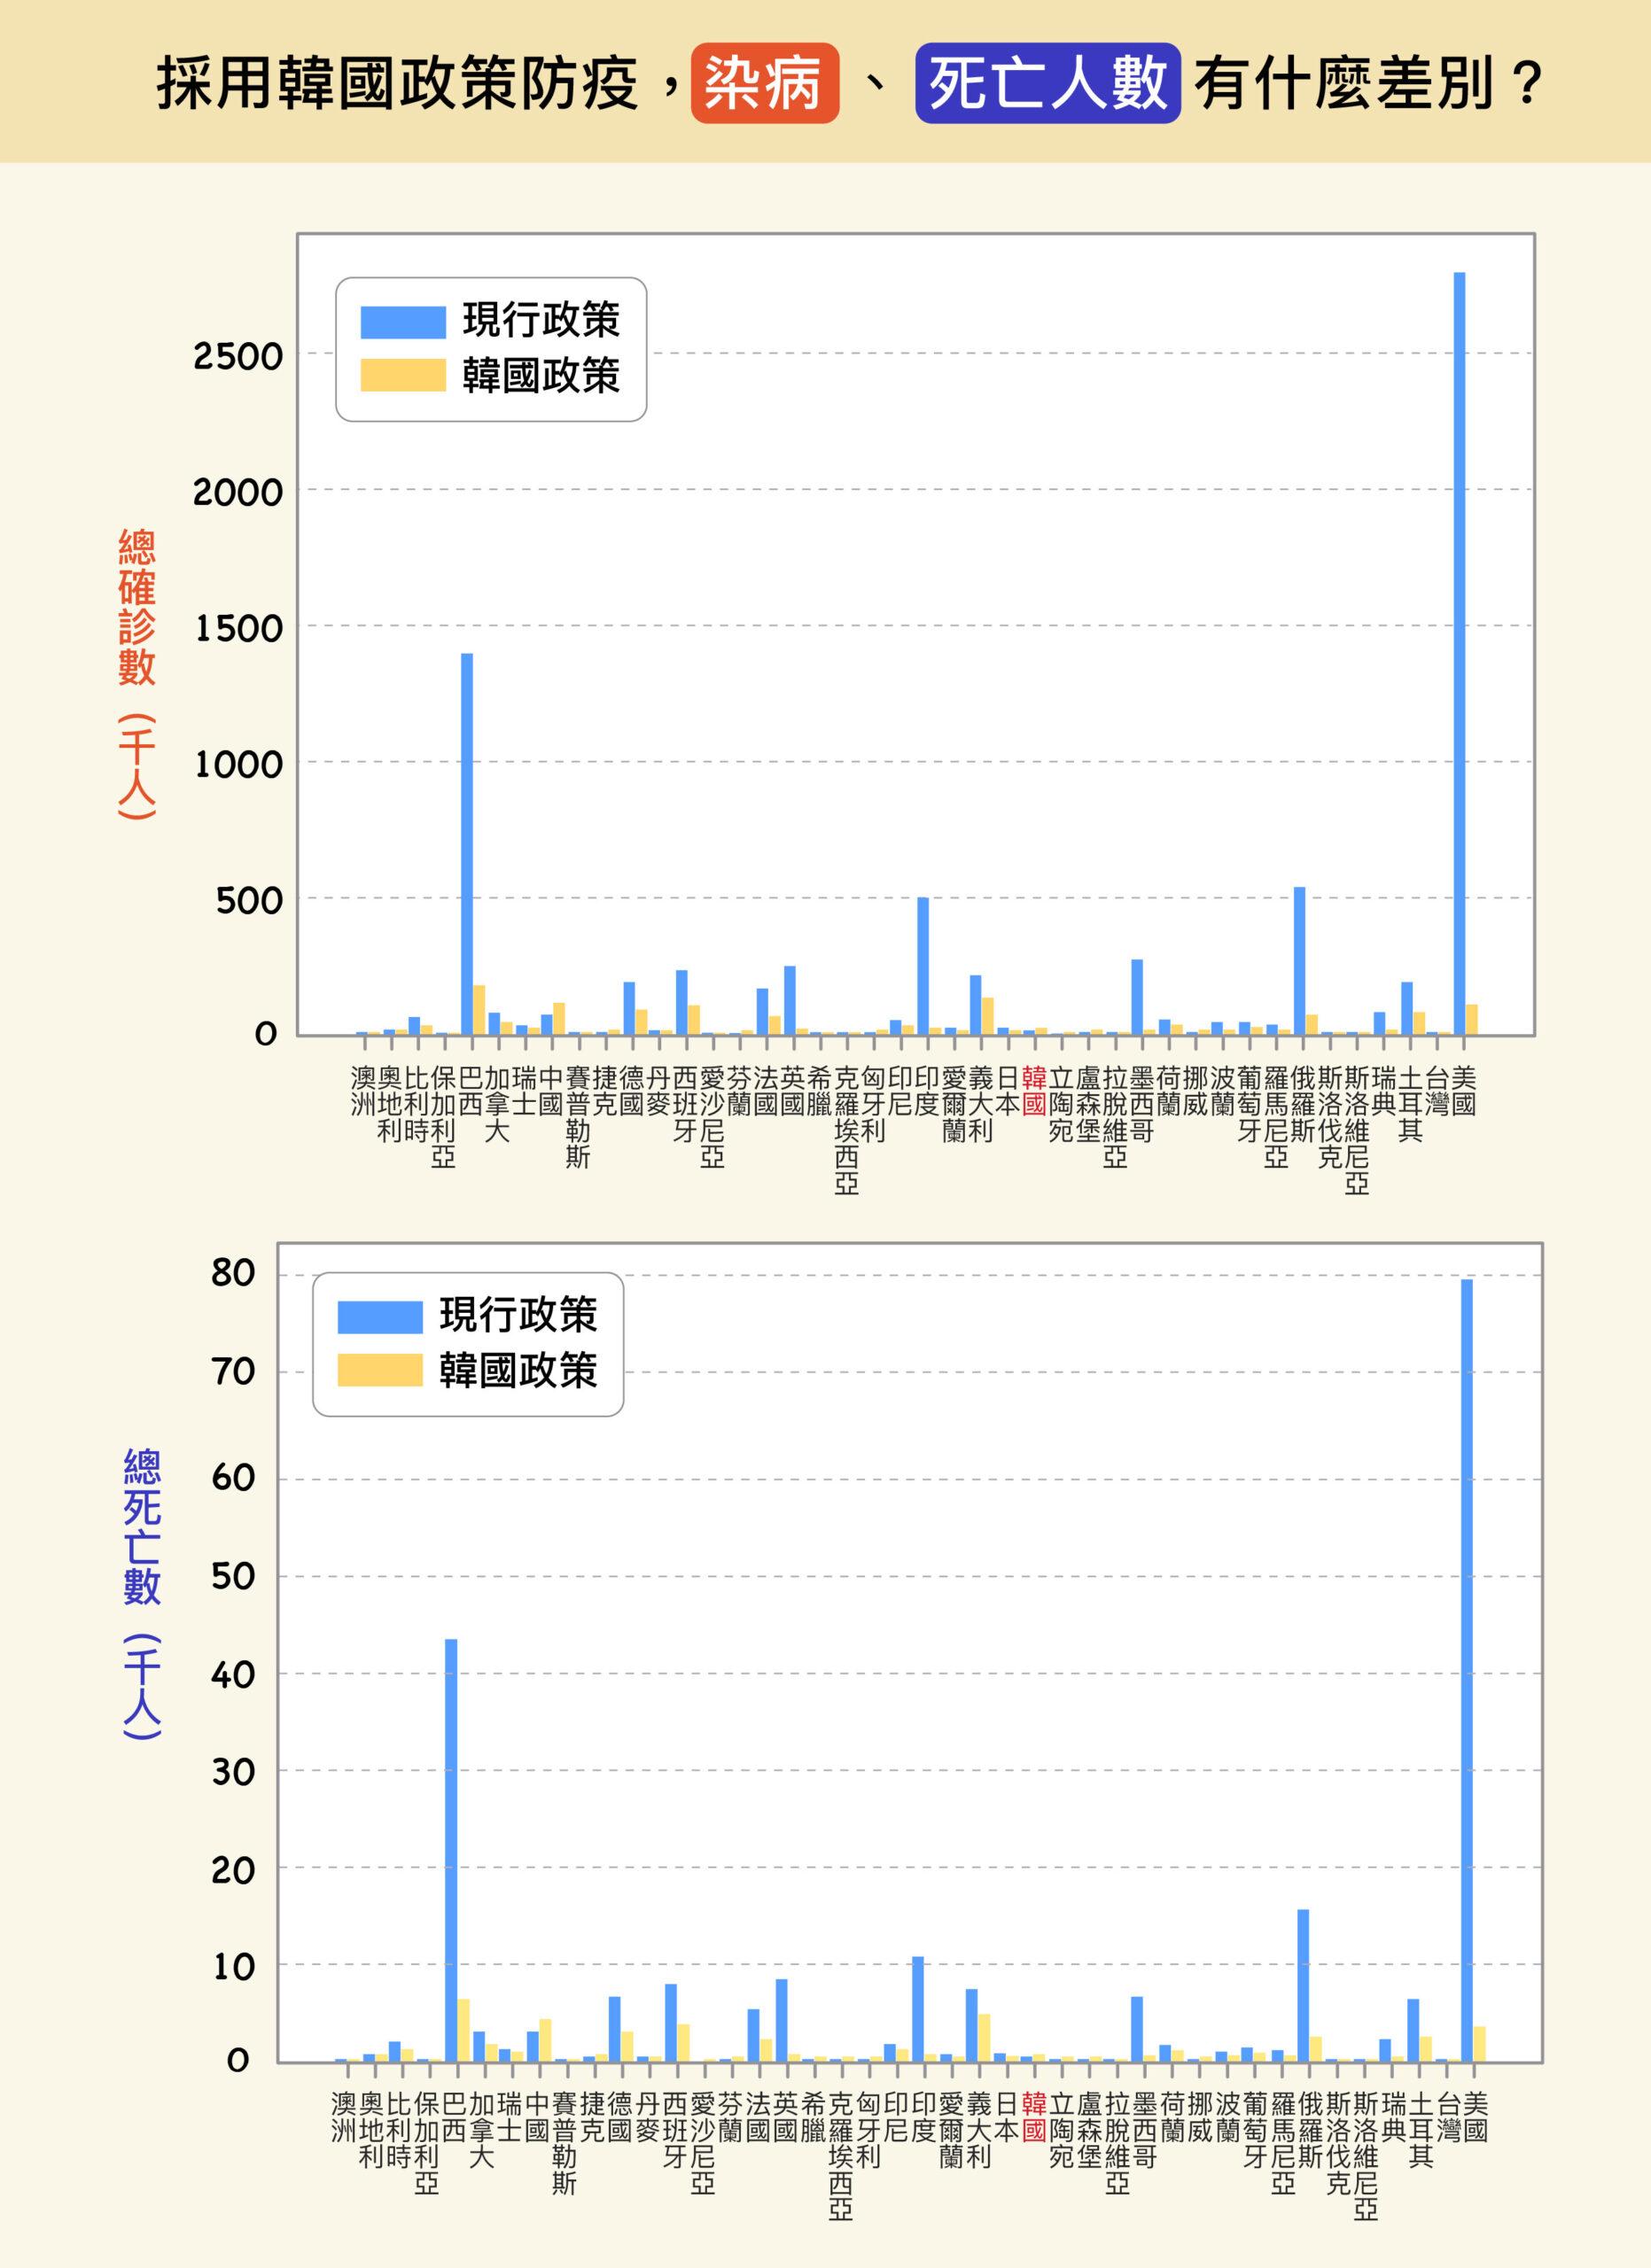 若各國採用韓國防疫模式作為替代政策,不論是染病人數、死亡人數,幾乎都會大幅降低。圖│研之有物(原圖、資料來源│楊宗翰、許文泰、林軒馳)